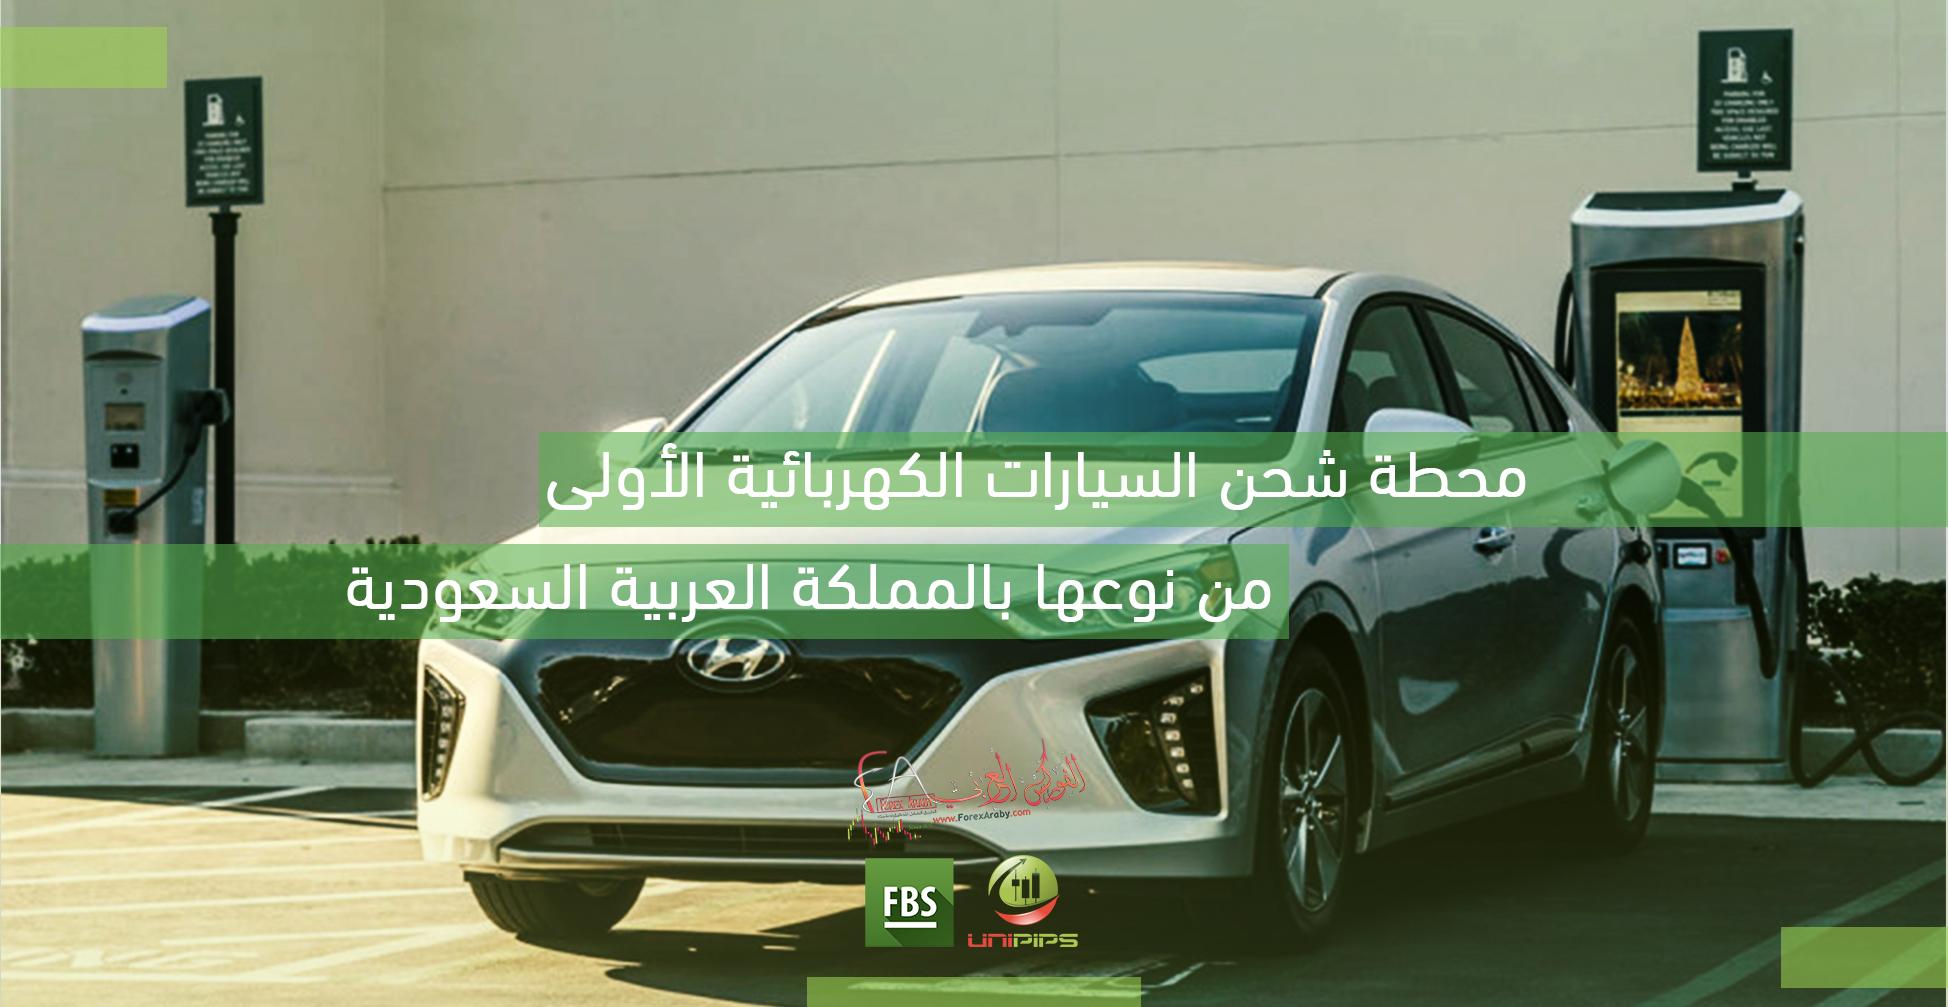 محطة شحن السيارات الكهربائية الاولى من نوعها بالمملكة العربية السعودية